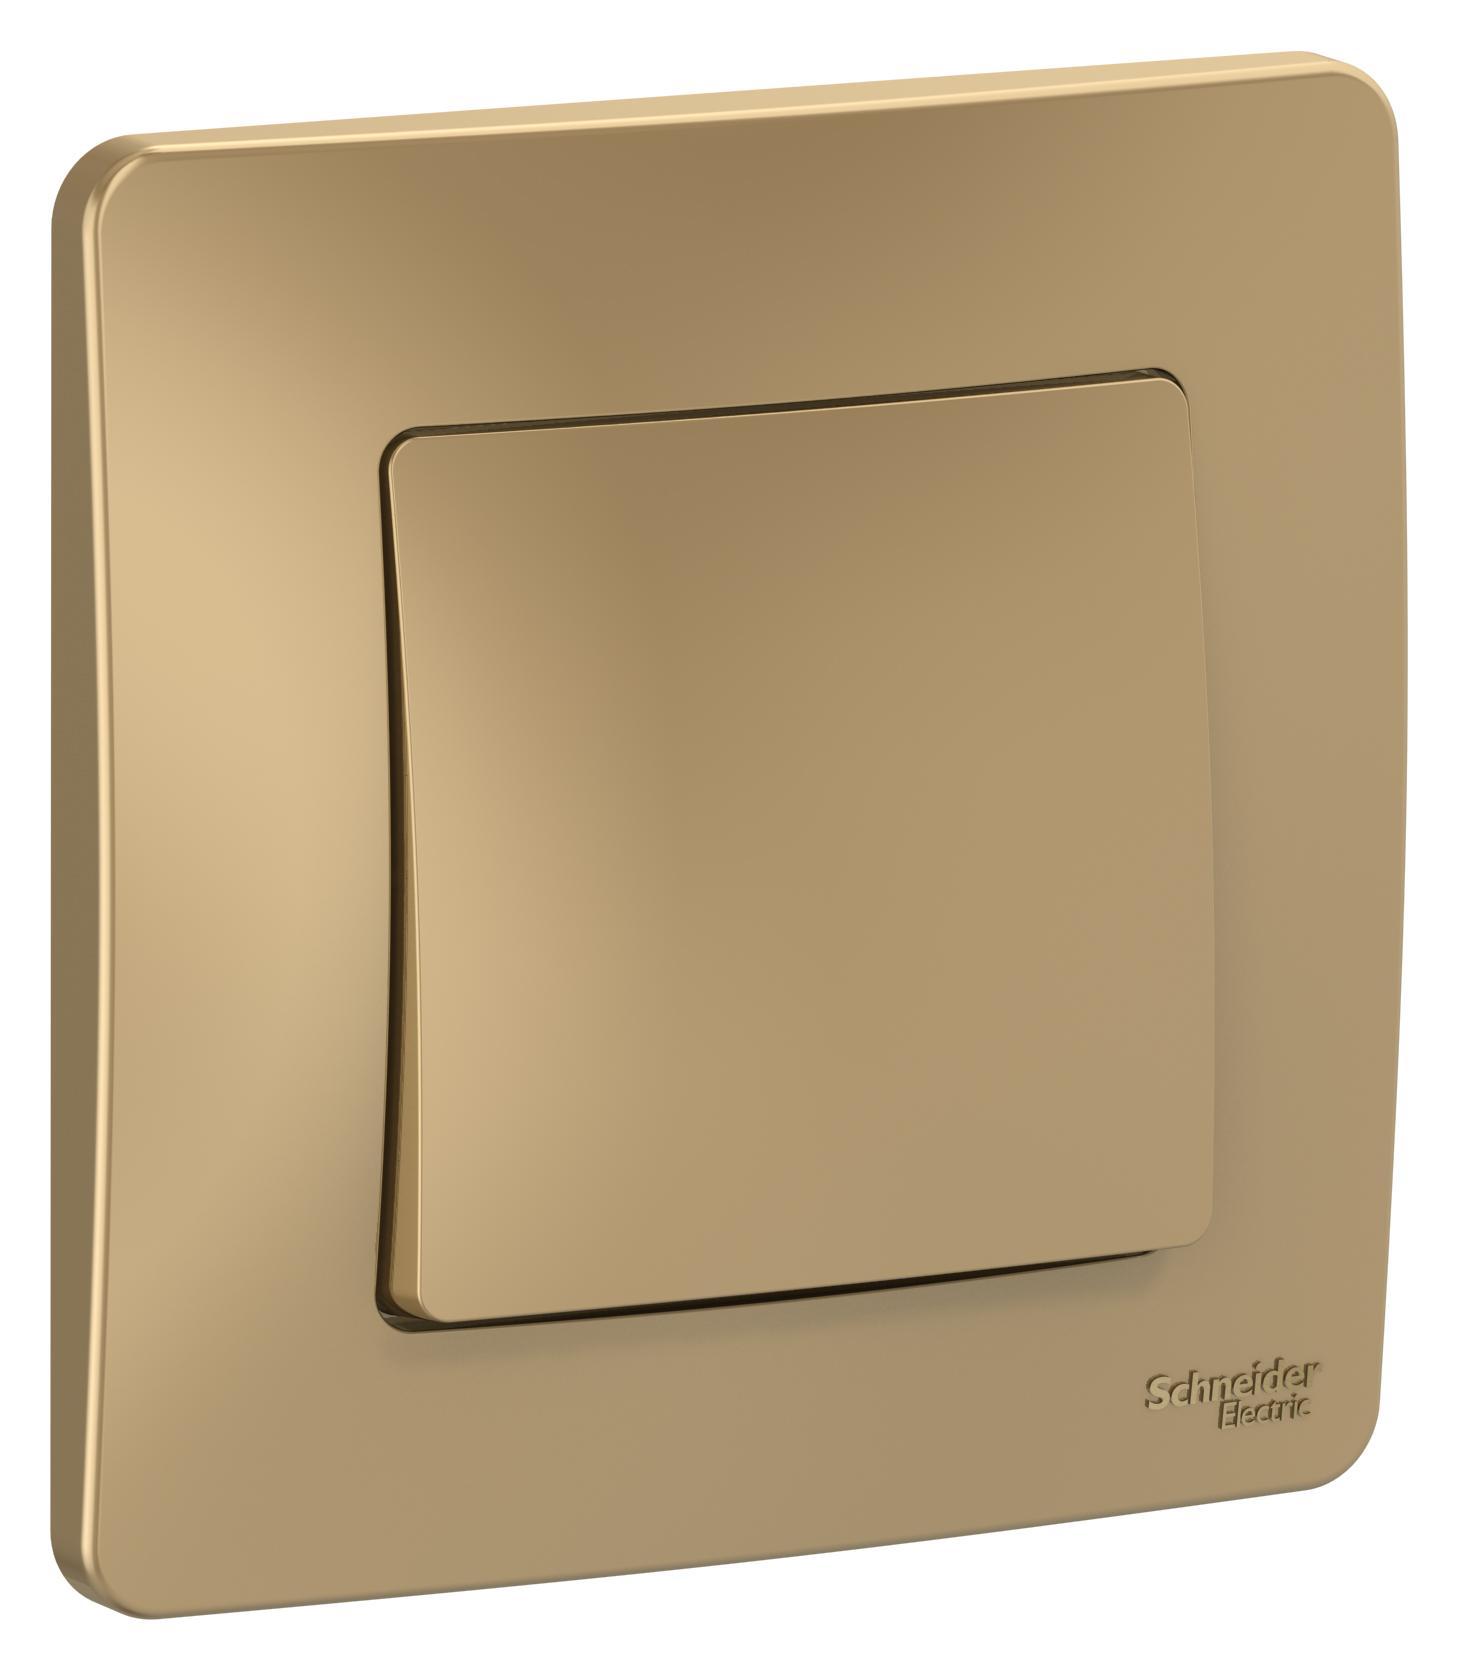 Купить Выключатель Schneider electric Blnvs010104 blanca